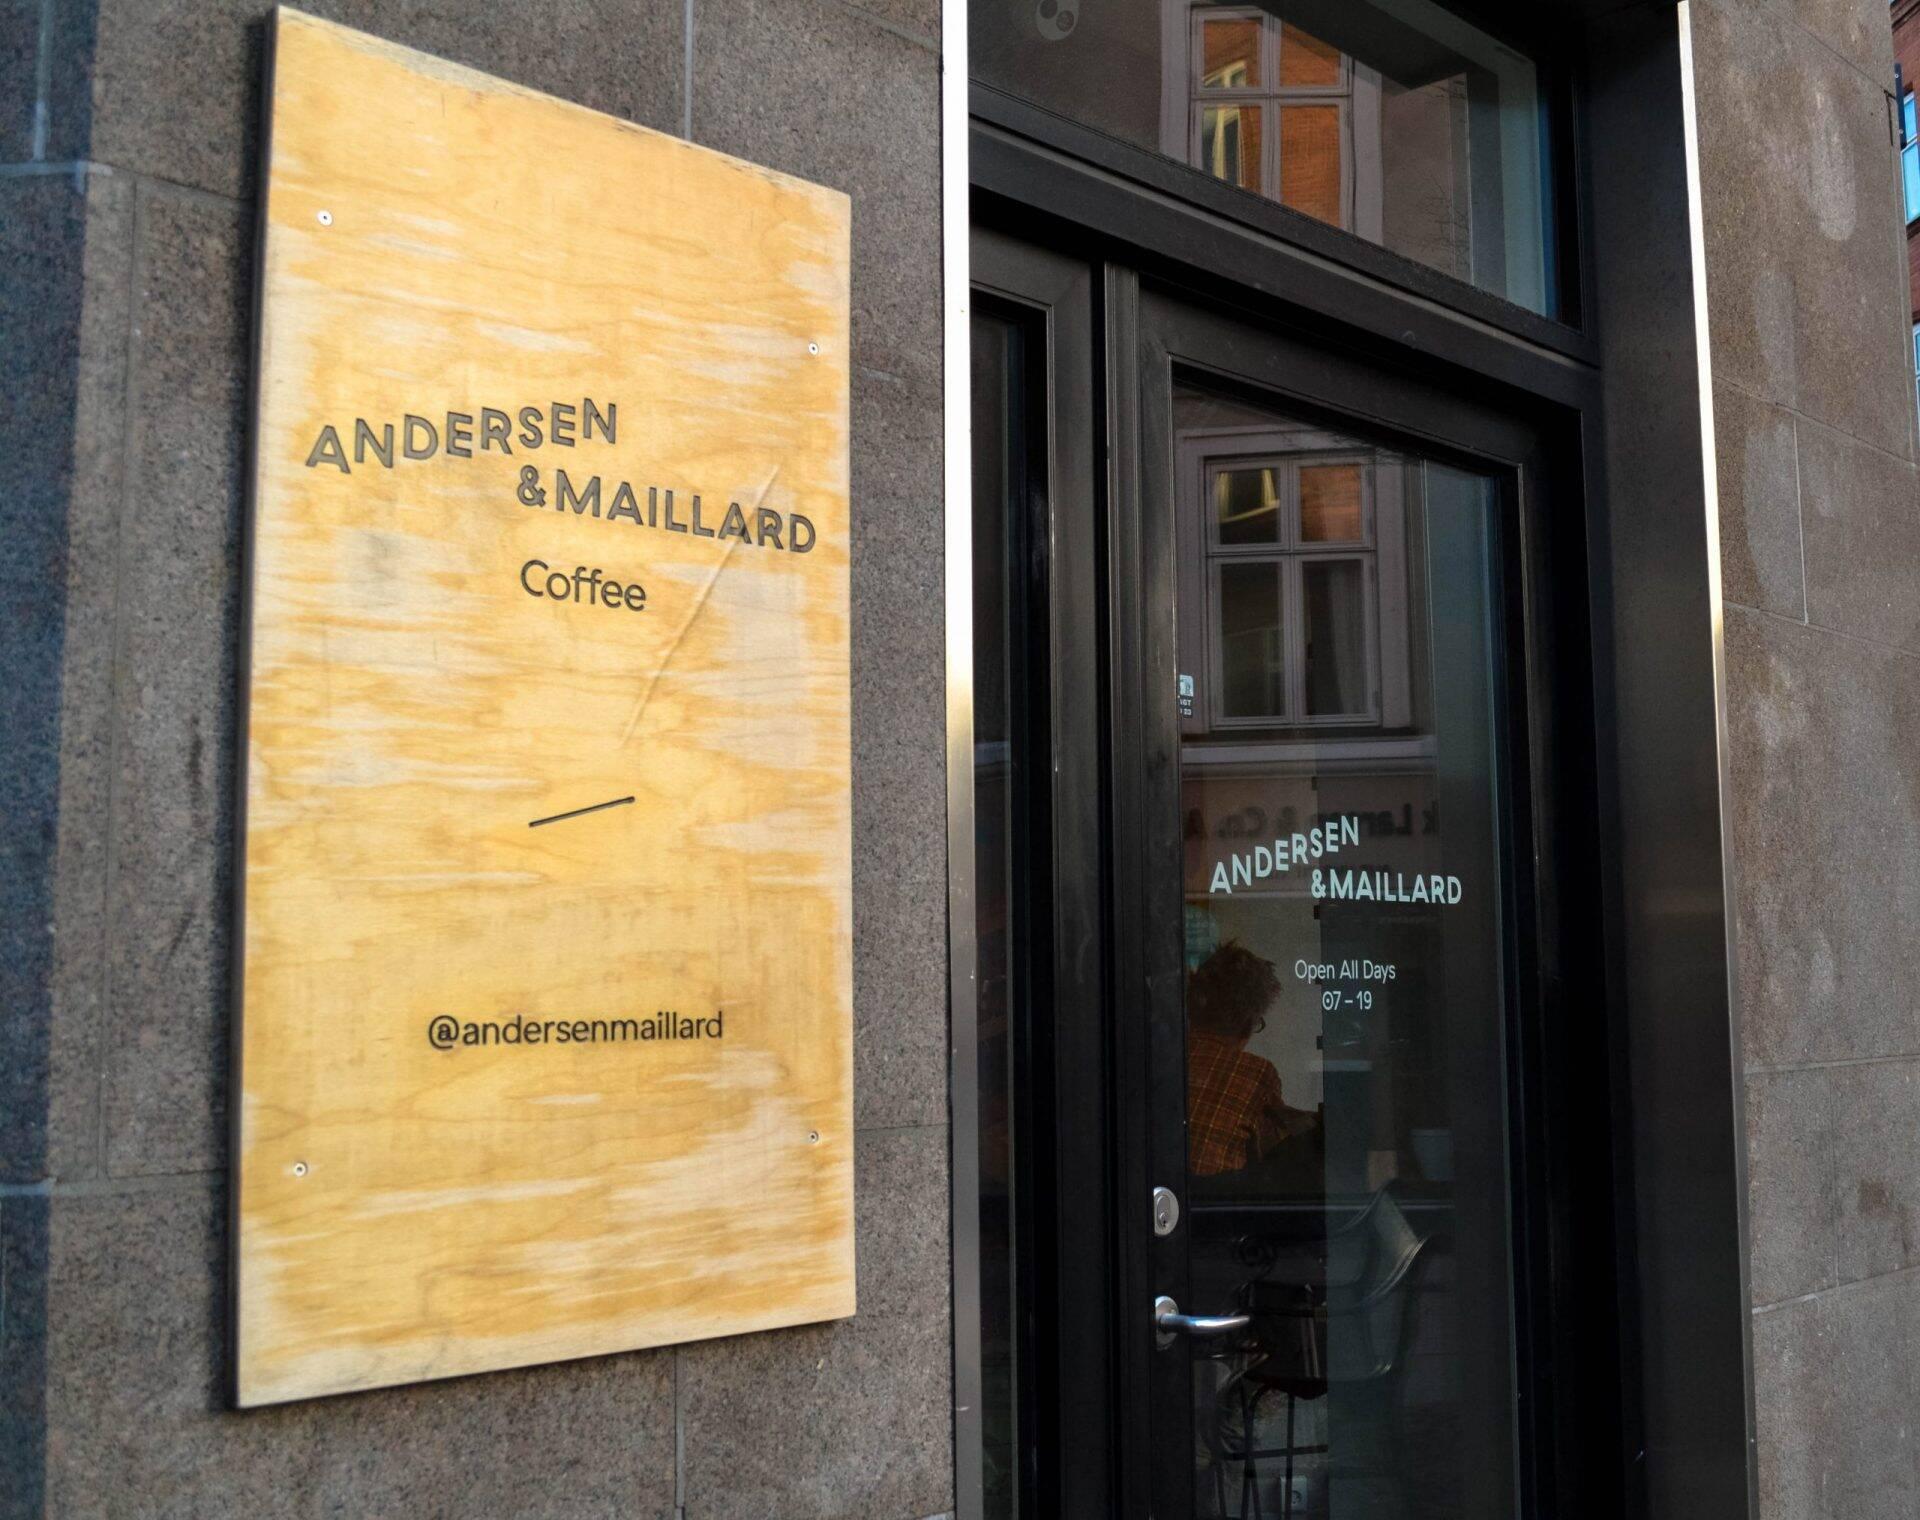 Andersen & Maillard in Kopenhagen